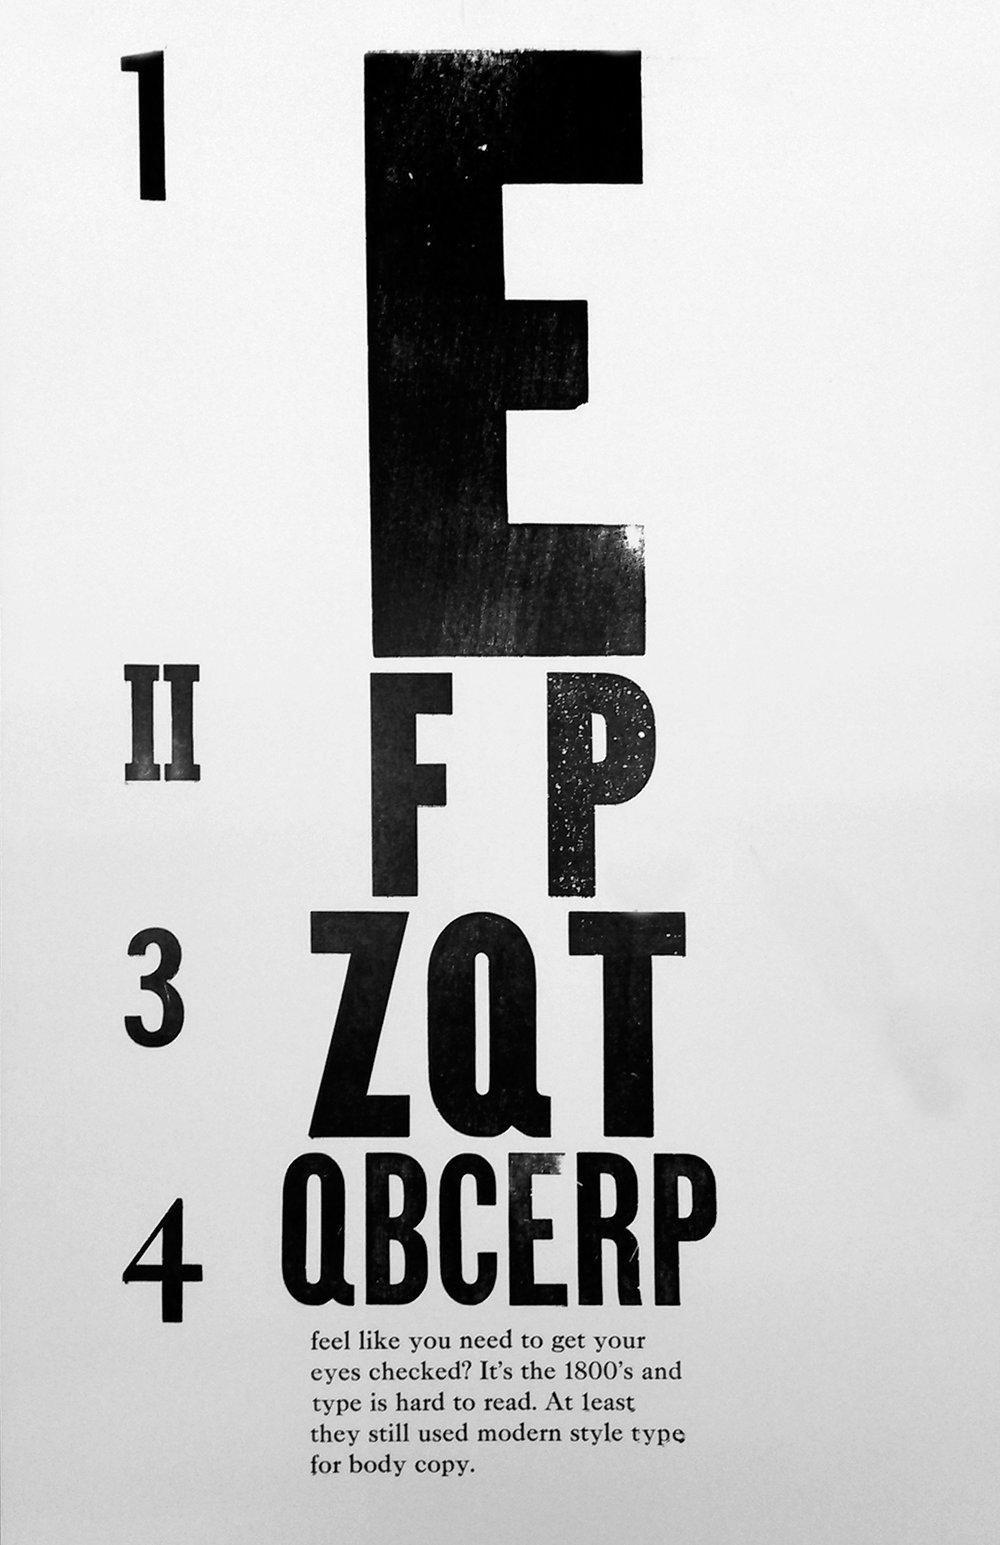 ART-323-Spring-2018-Posters-10.jpg